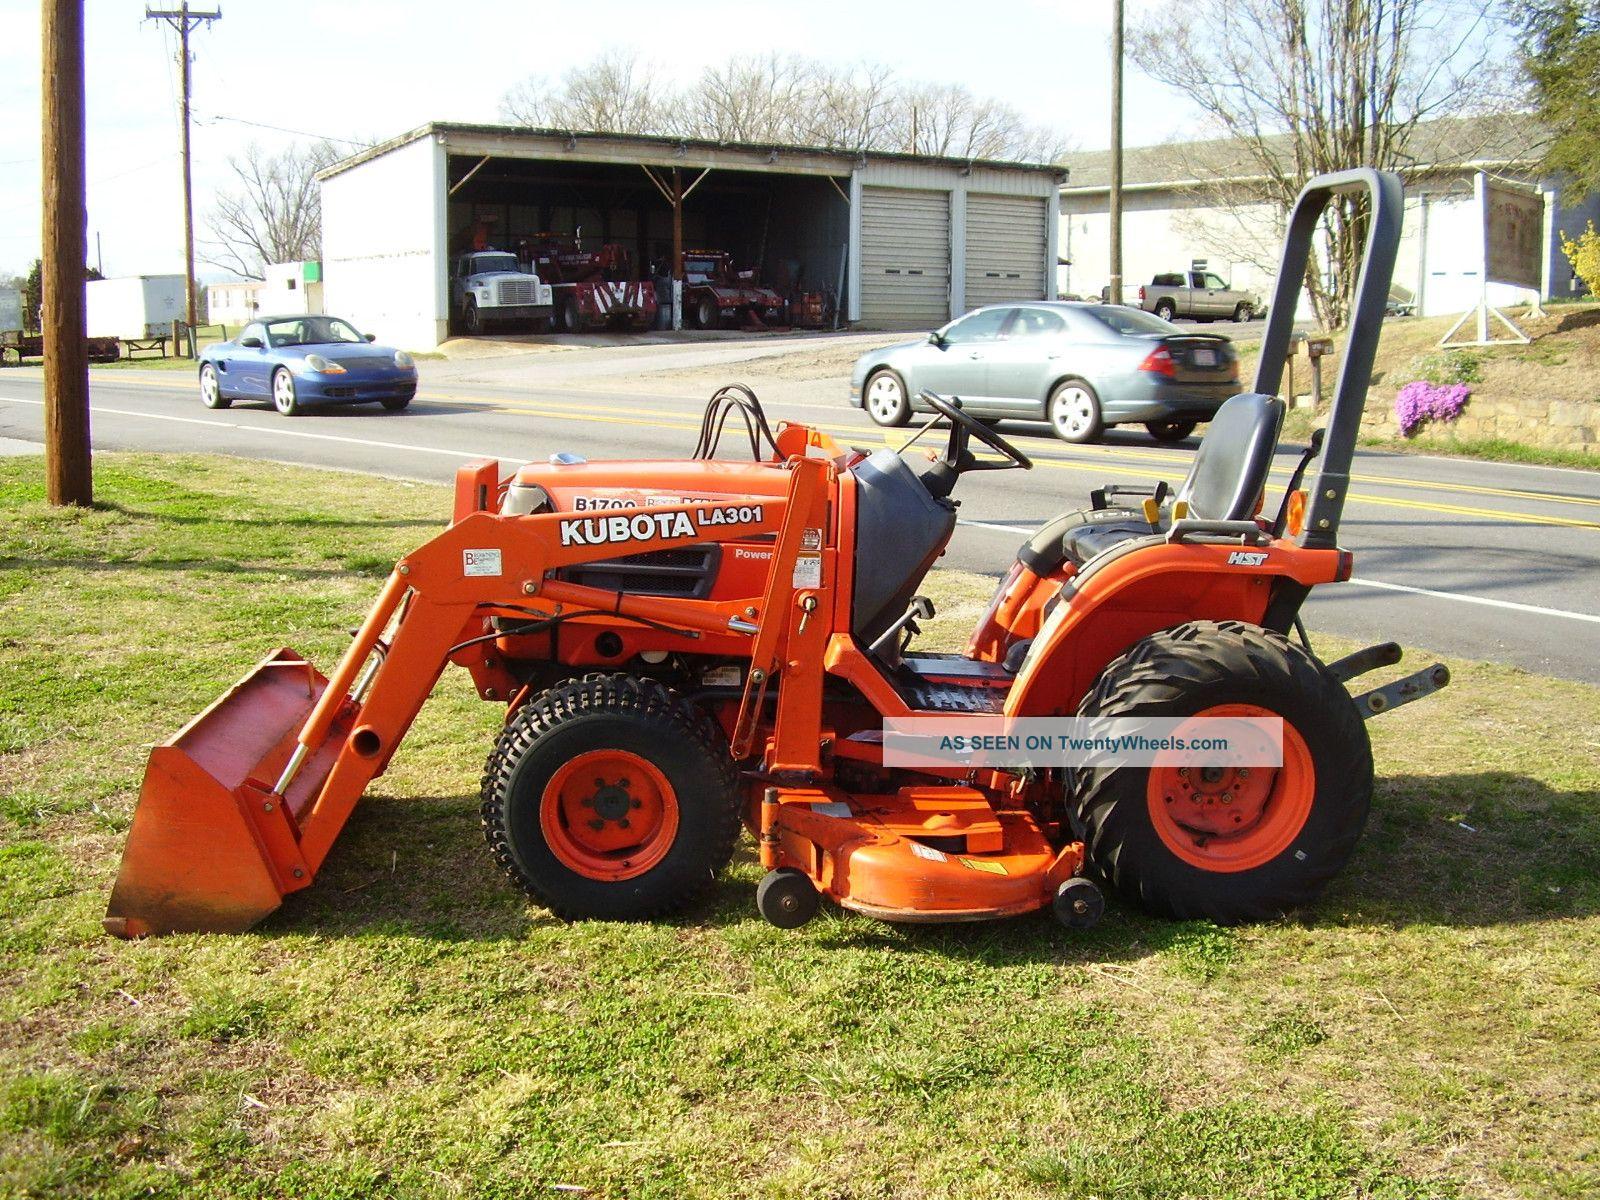 Kubota B 1700 4 X 4 Loader Mower Tractor Tractors photo